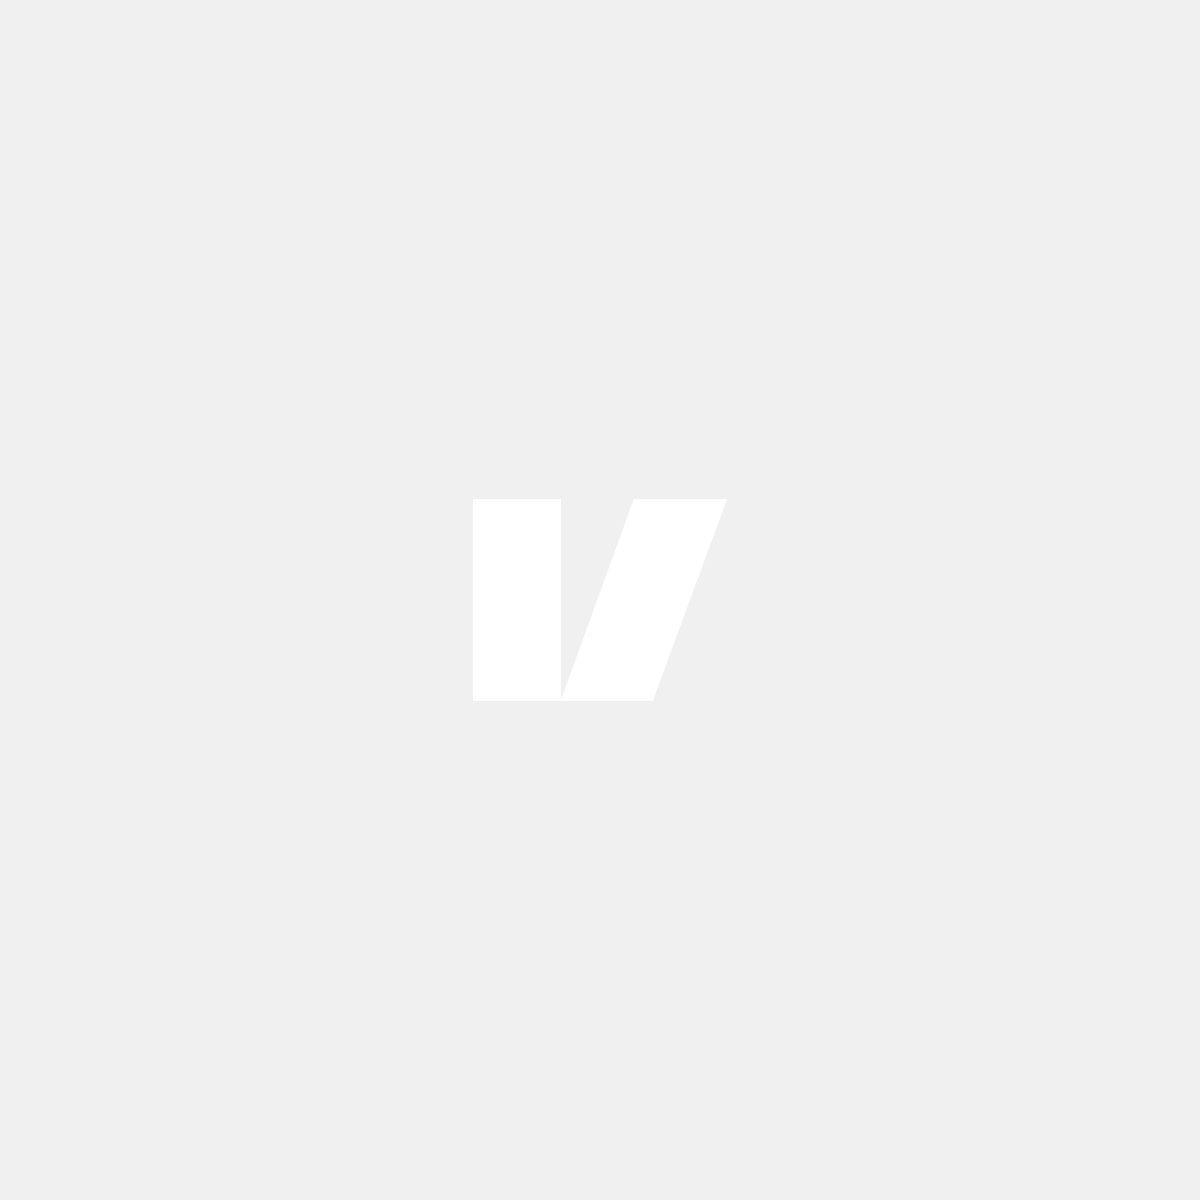 Slitsade bromsskivor fram till Volvo XC90, 328mm